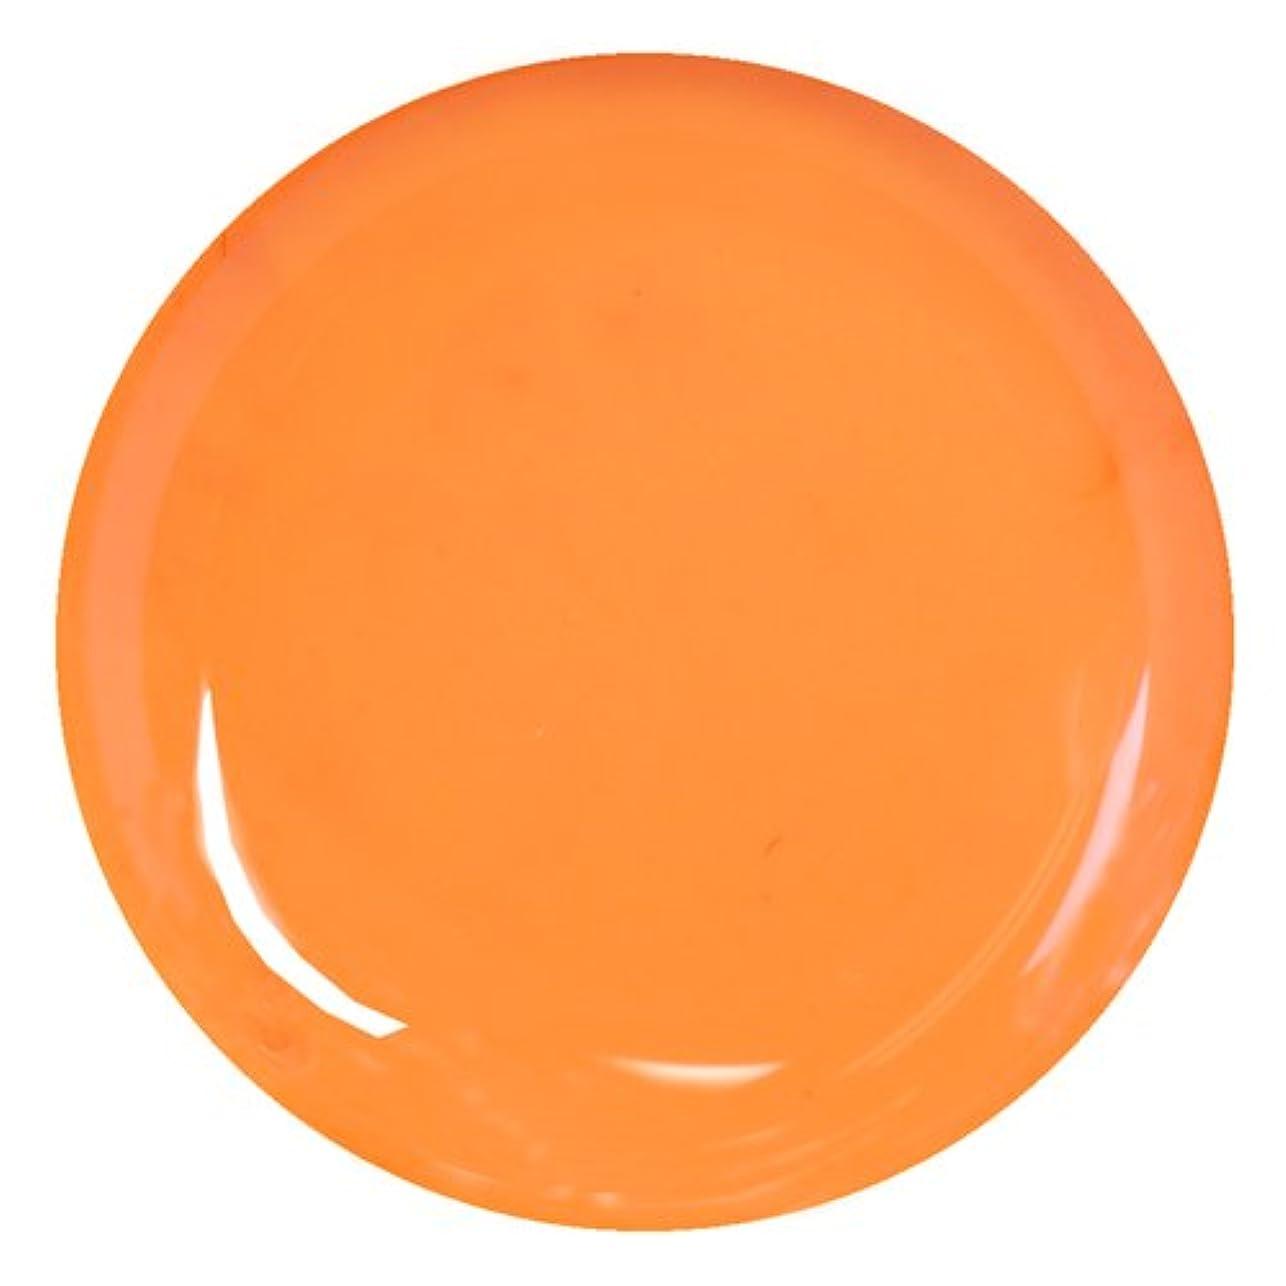 勃起構成鋼MY GEL(マイジェル) ソフトジェル サマーオレンジ 4g 【マット】 発色が良くリフトしにくい!